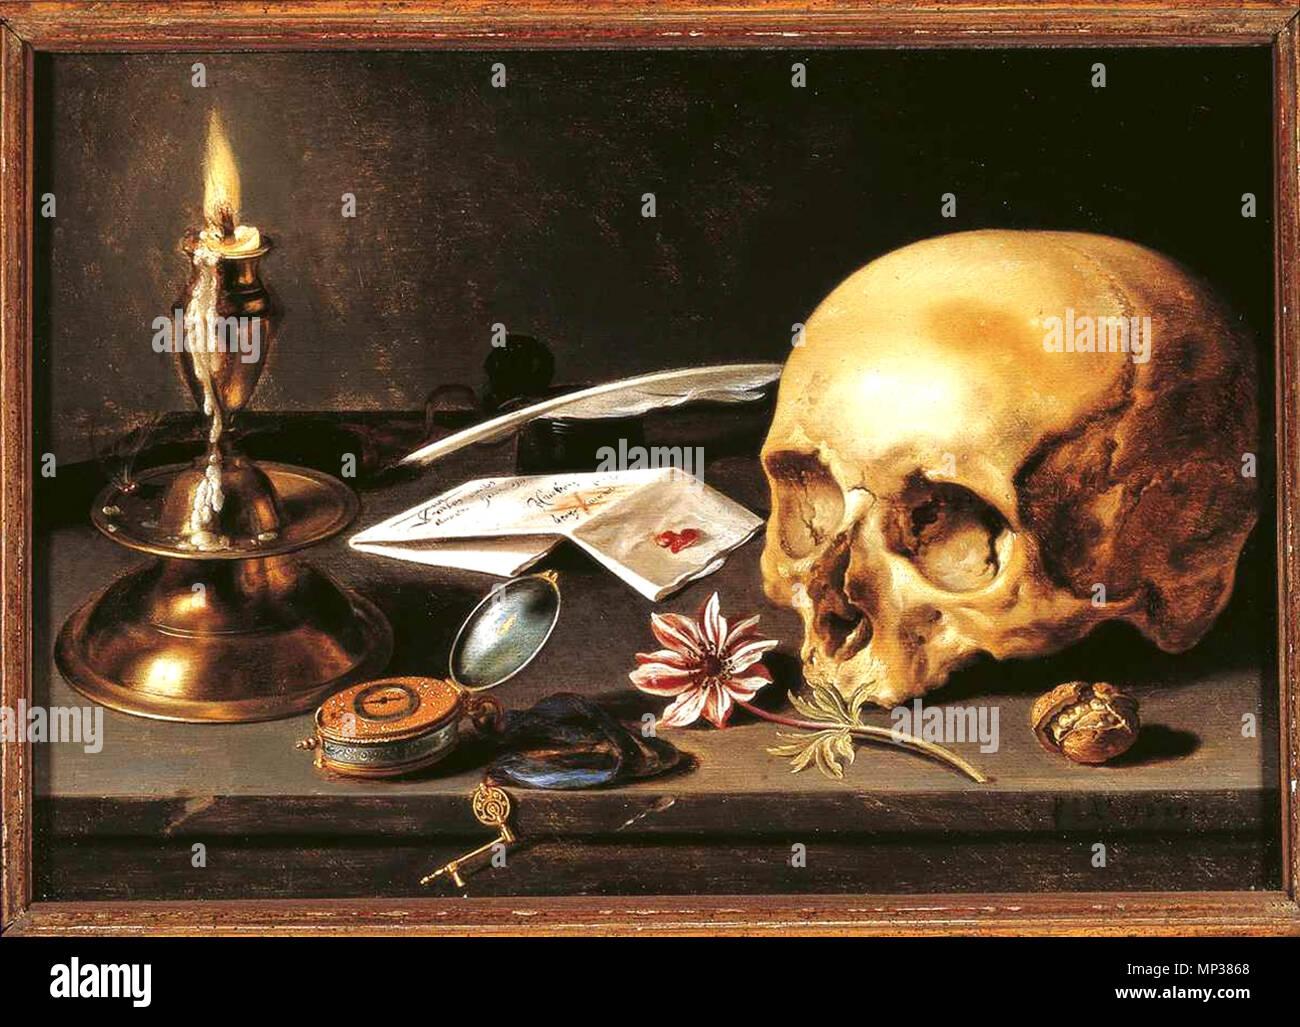 Vanitas - Still Life 1625. 991 Pieter Claeszoon - Vanitas - Still Life (1625, 29,5 x 34,5 cm) Stockfoto